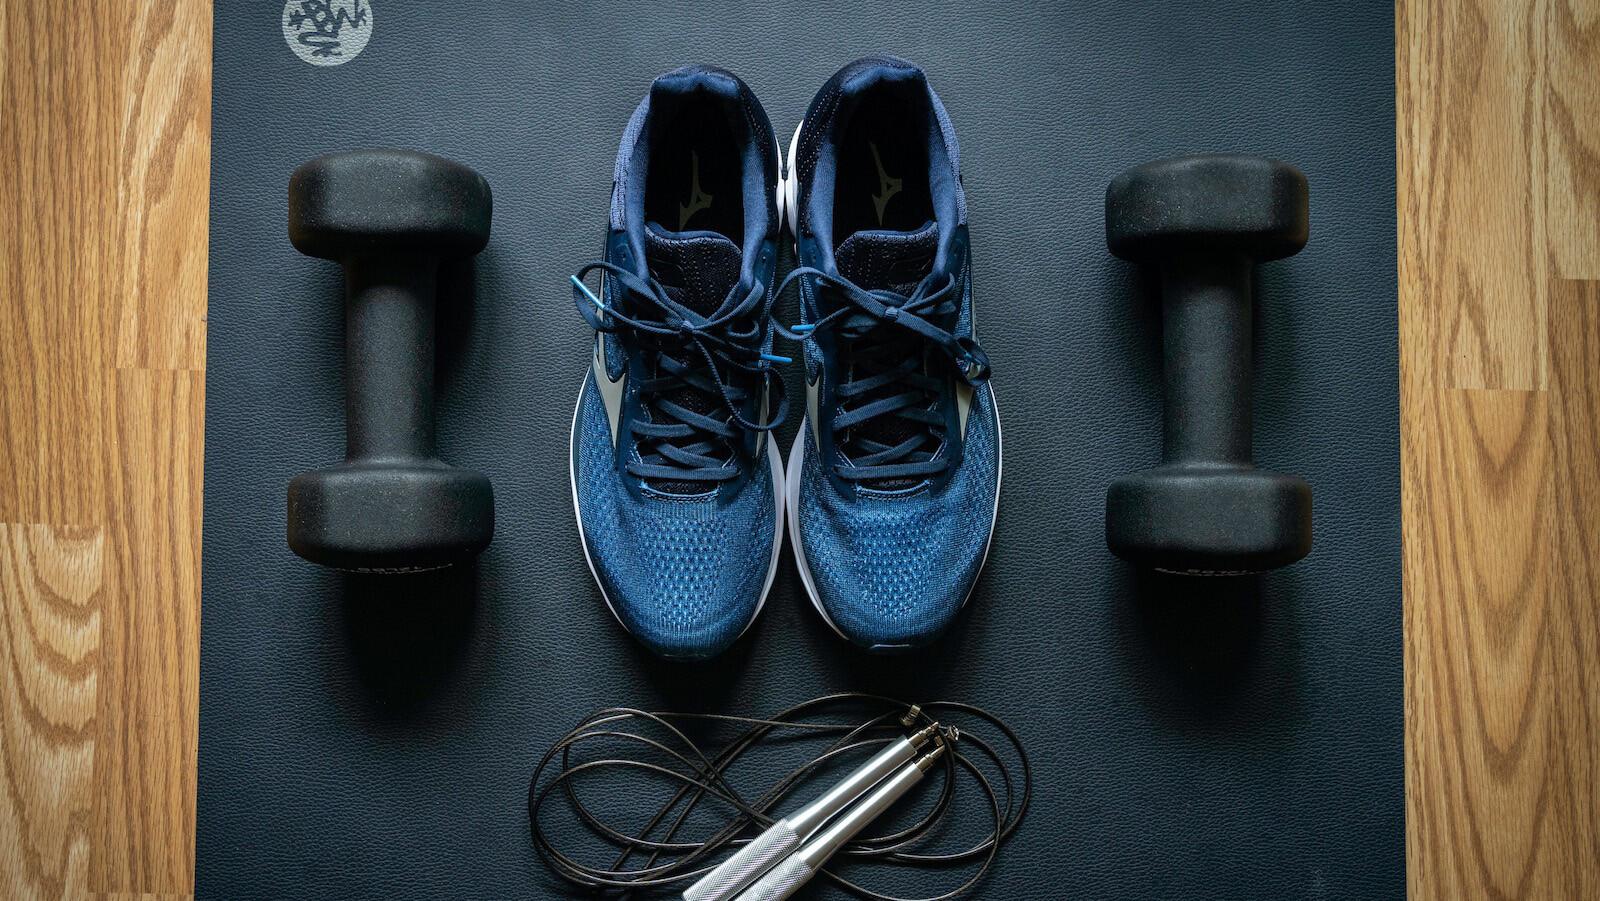 ۸ باور اشتباه در مورد متابولیسم و کاهش وزن